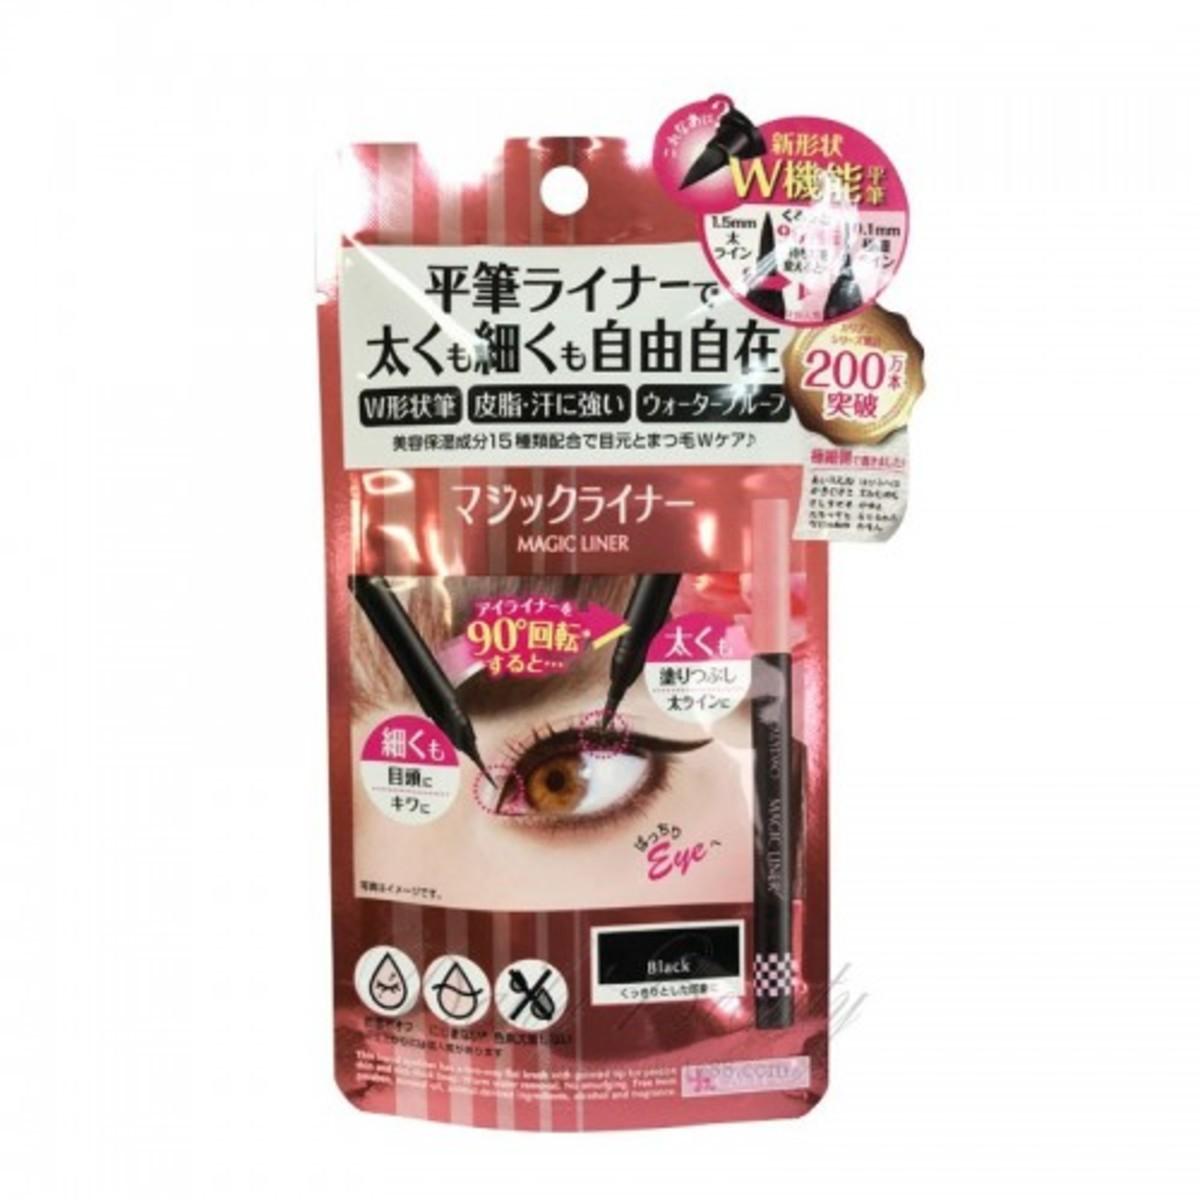 Magic Eyeliner (black) 0.6ml  (Parallel Imports Product)